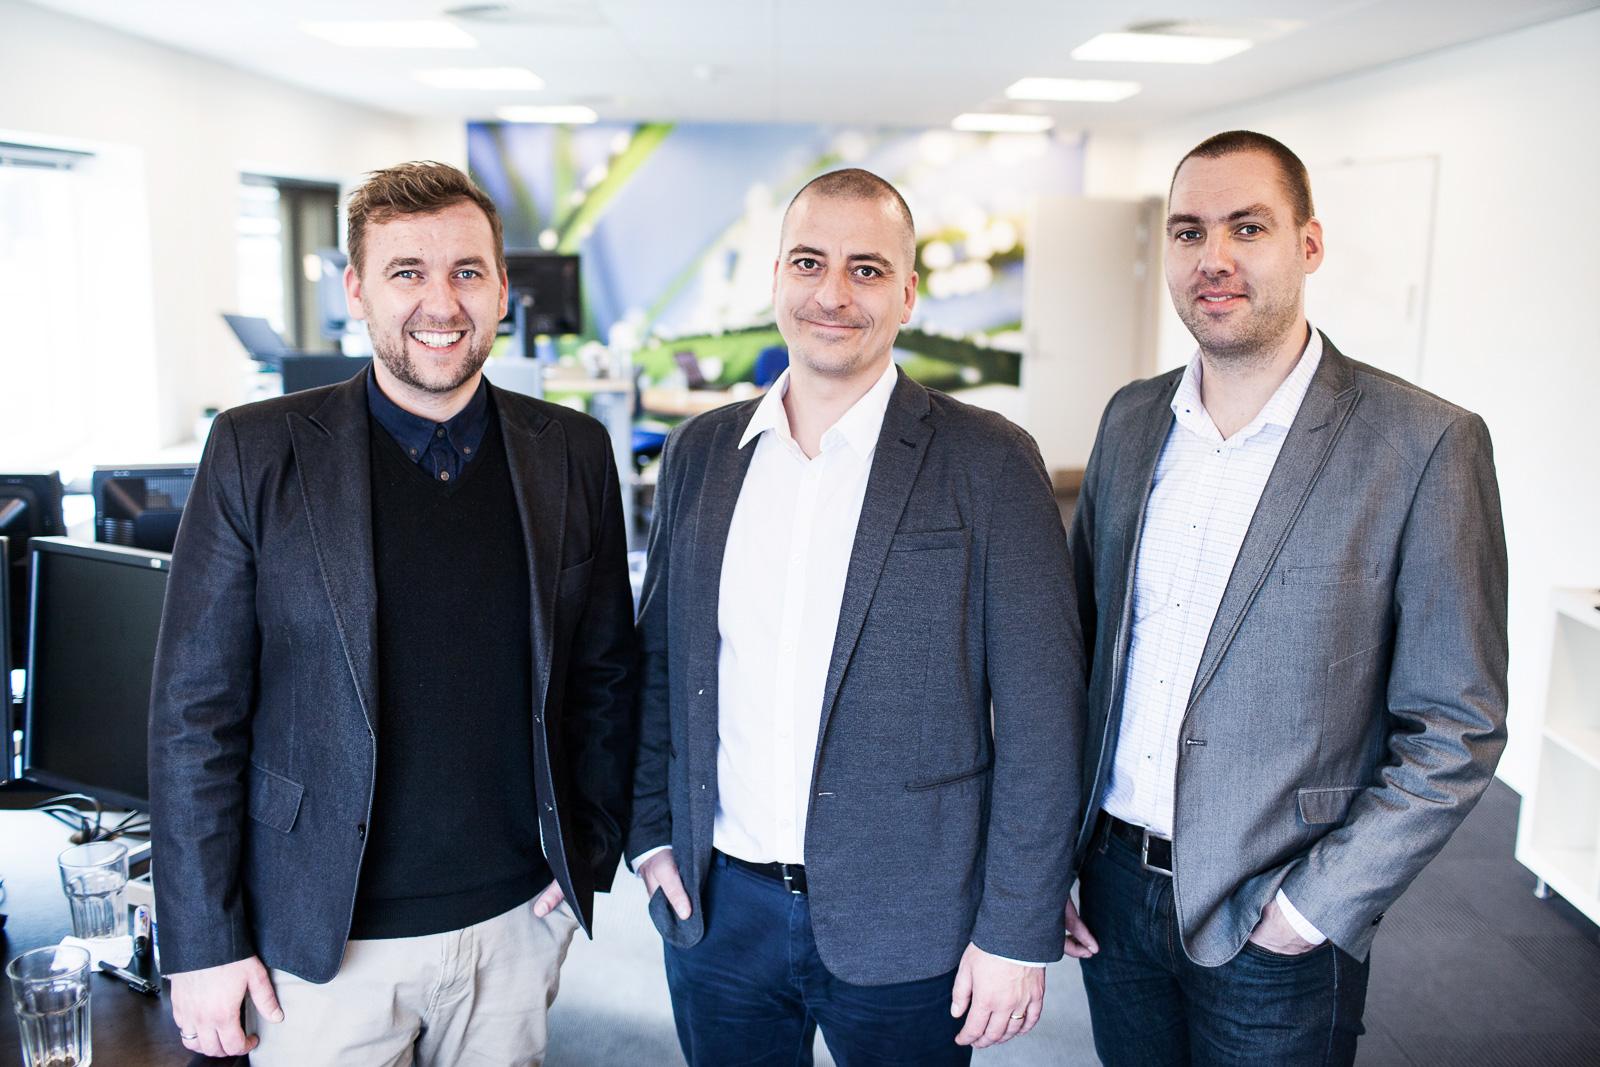 Refurbs grunnleggere; Peter Hove (markedsdirektør), Ulrik Hjul Andersen (styreleder) og Martin Bjørn Mikkelsen (innkjøpssjef)